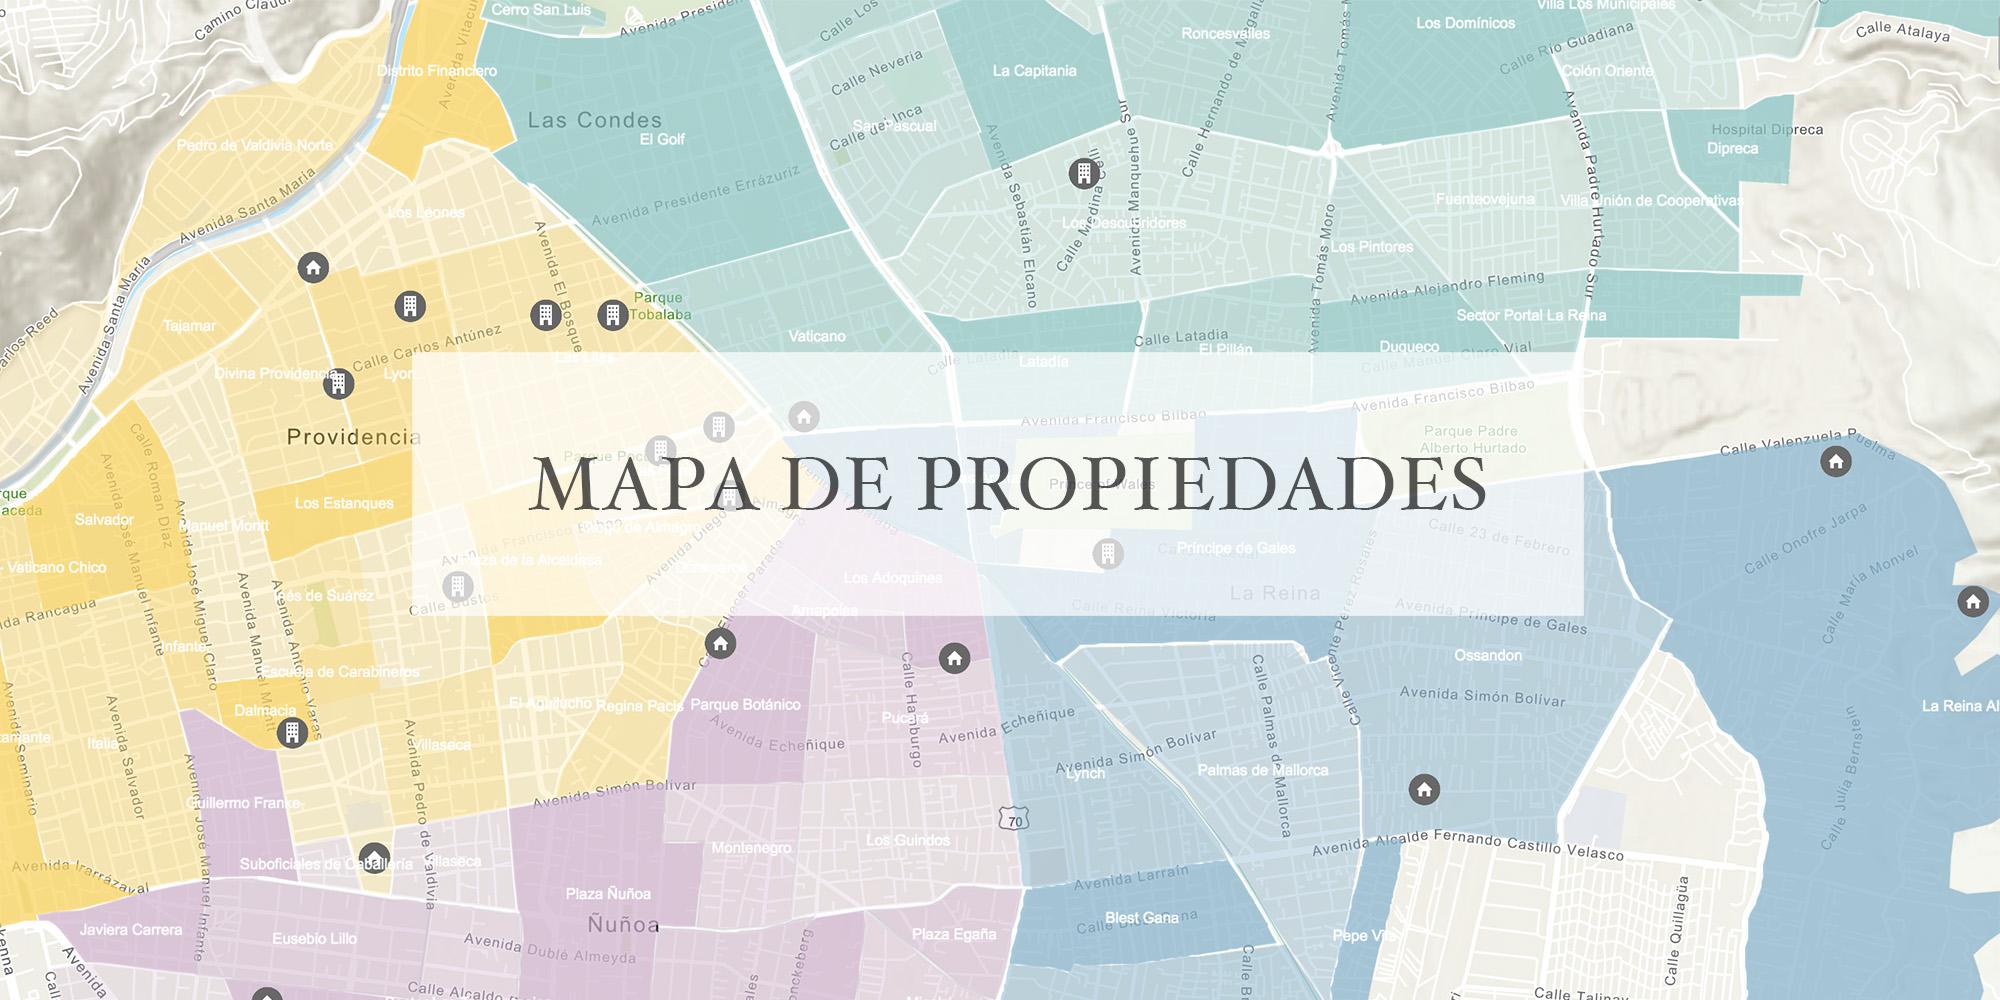 MAPA DE BARRIOS Y PROPIEDADES